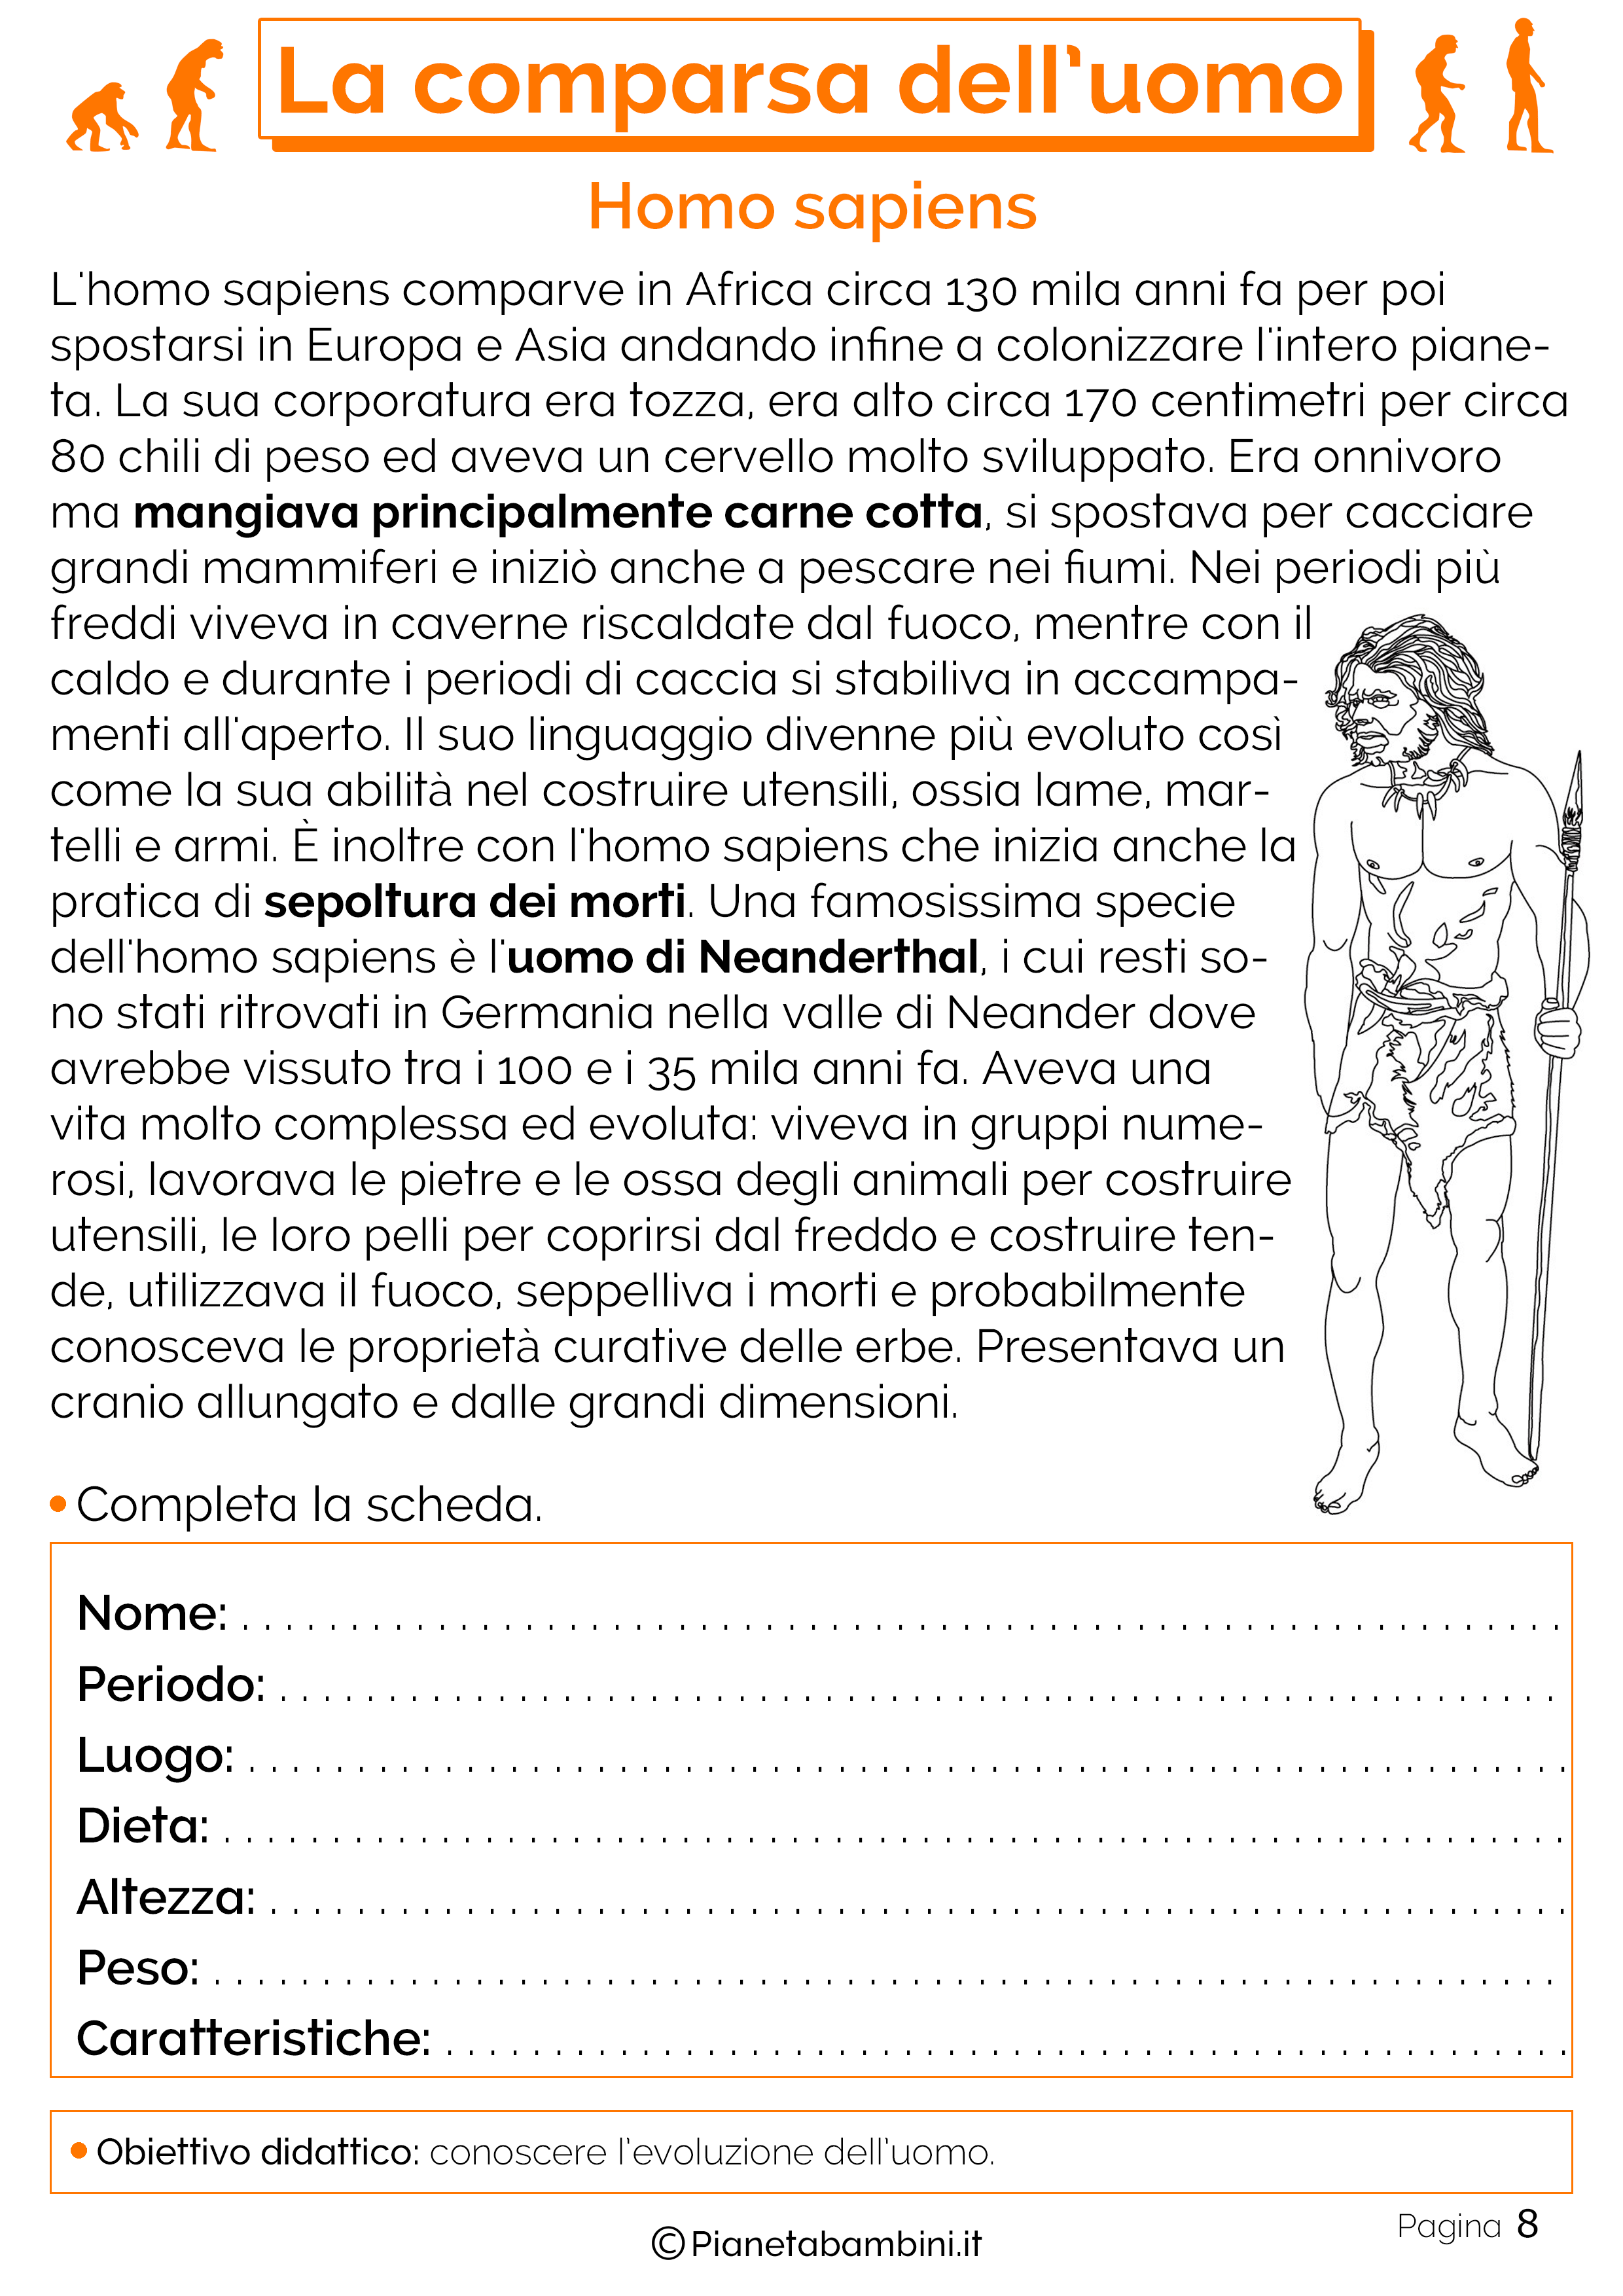 Esercizi sulla comparsa dell'uomo 8